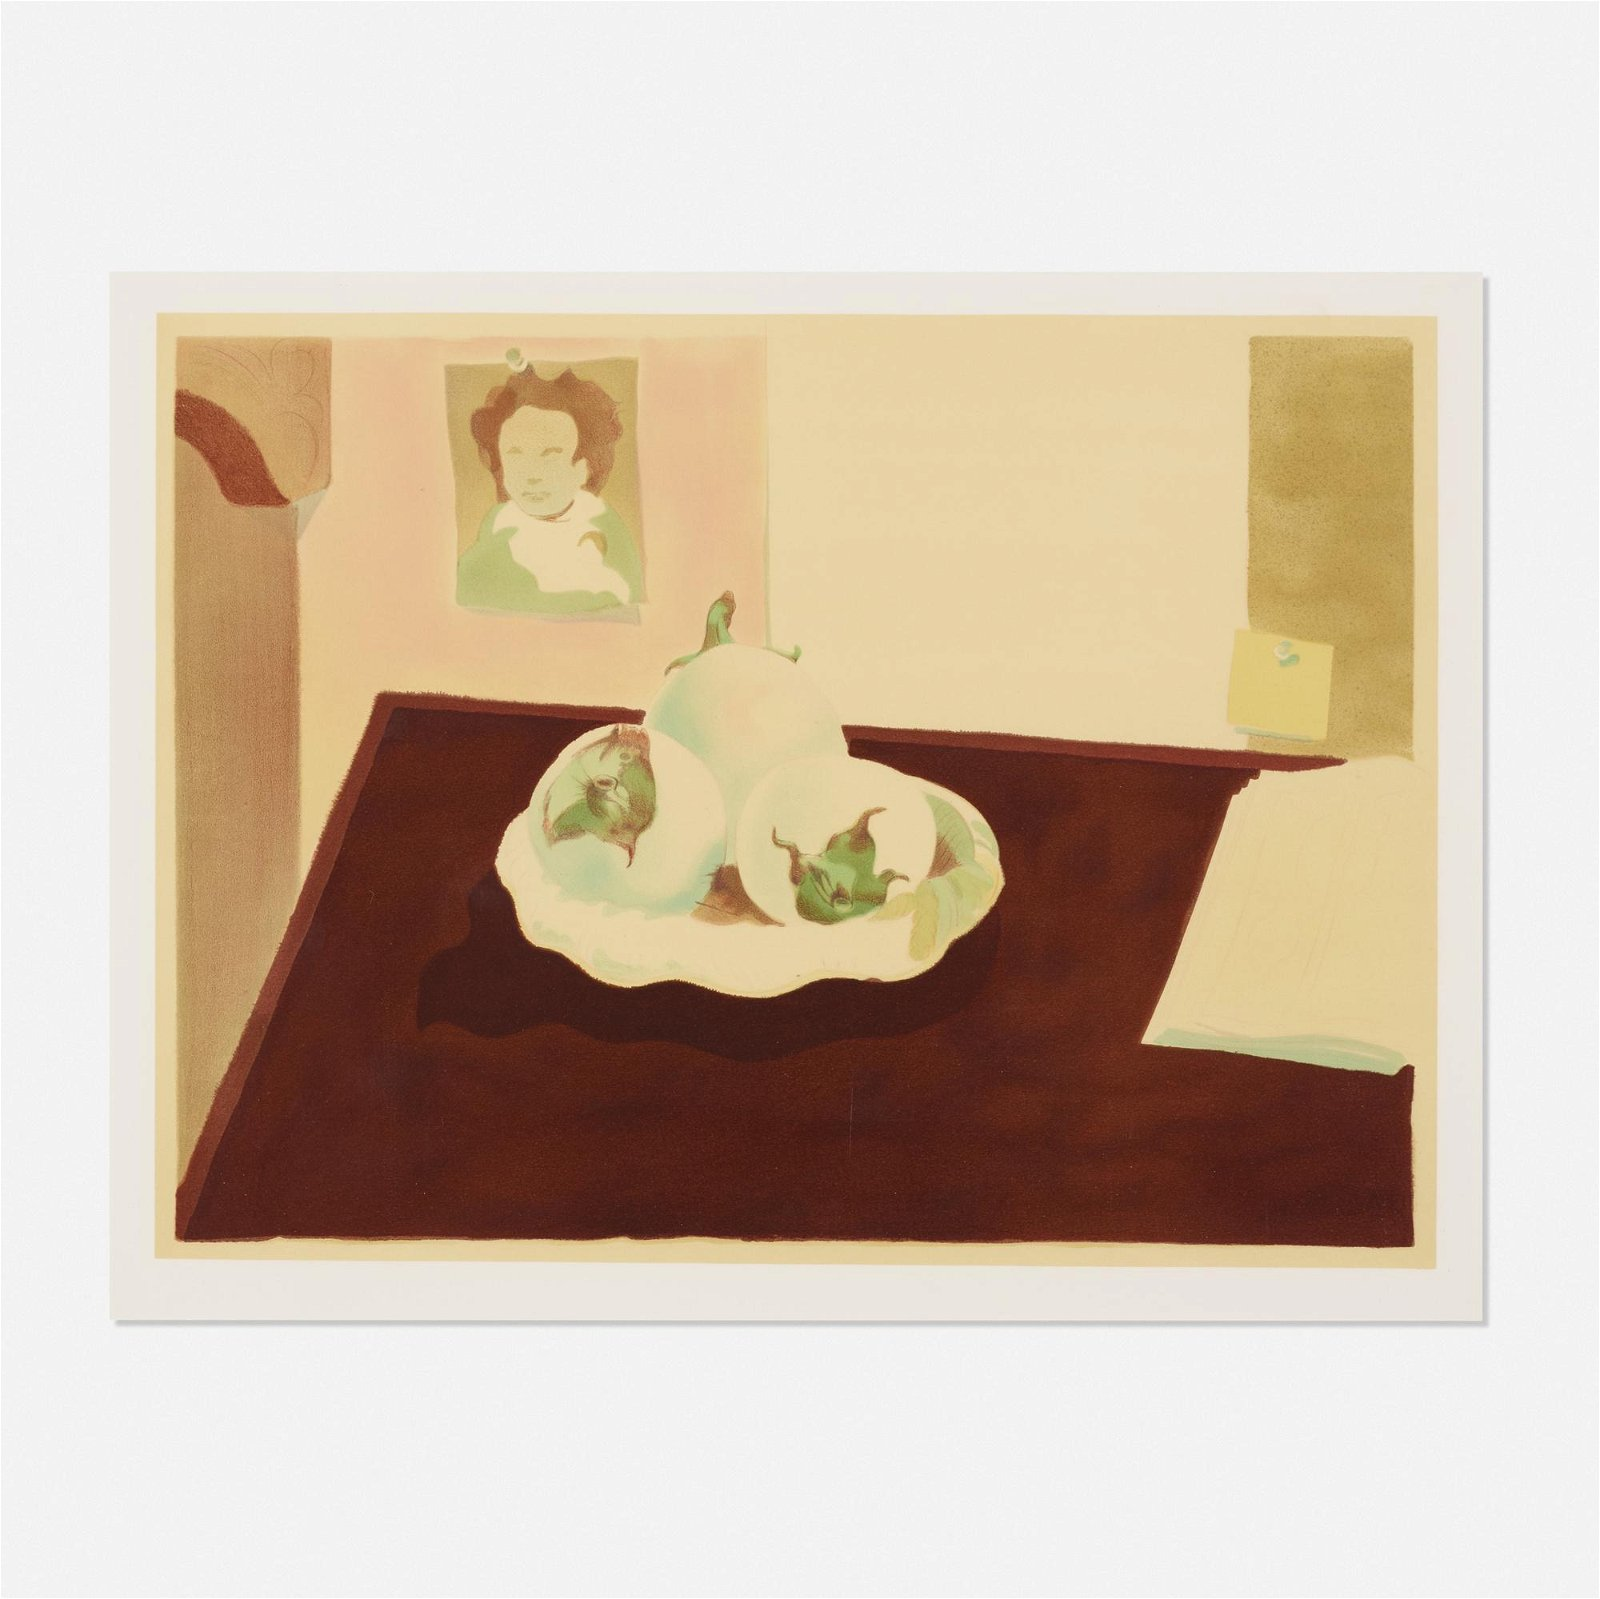 Milton Glaser   Beethoven with Eggplants   1983